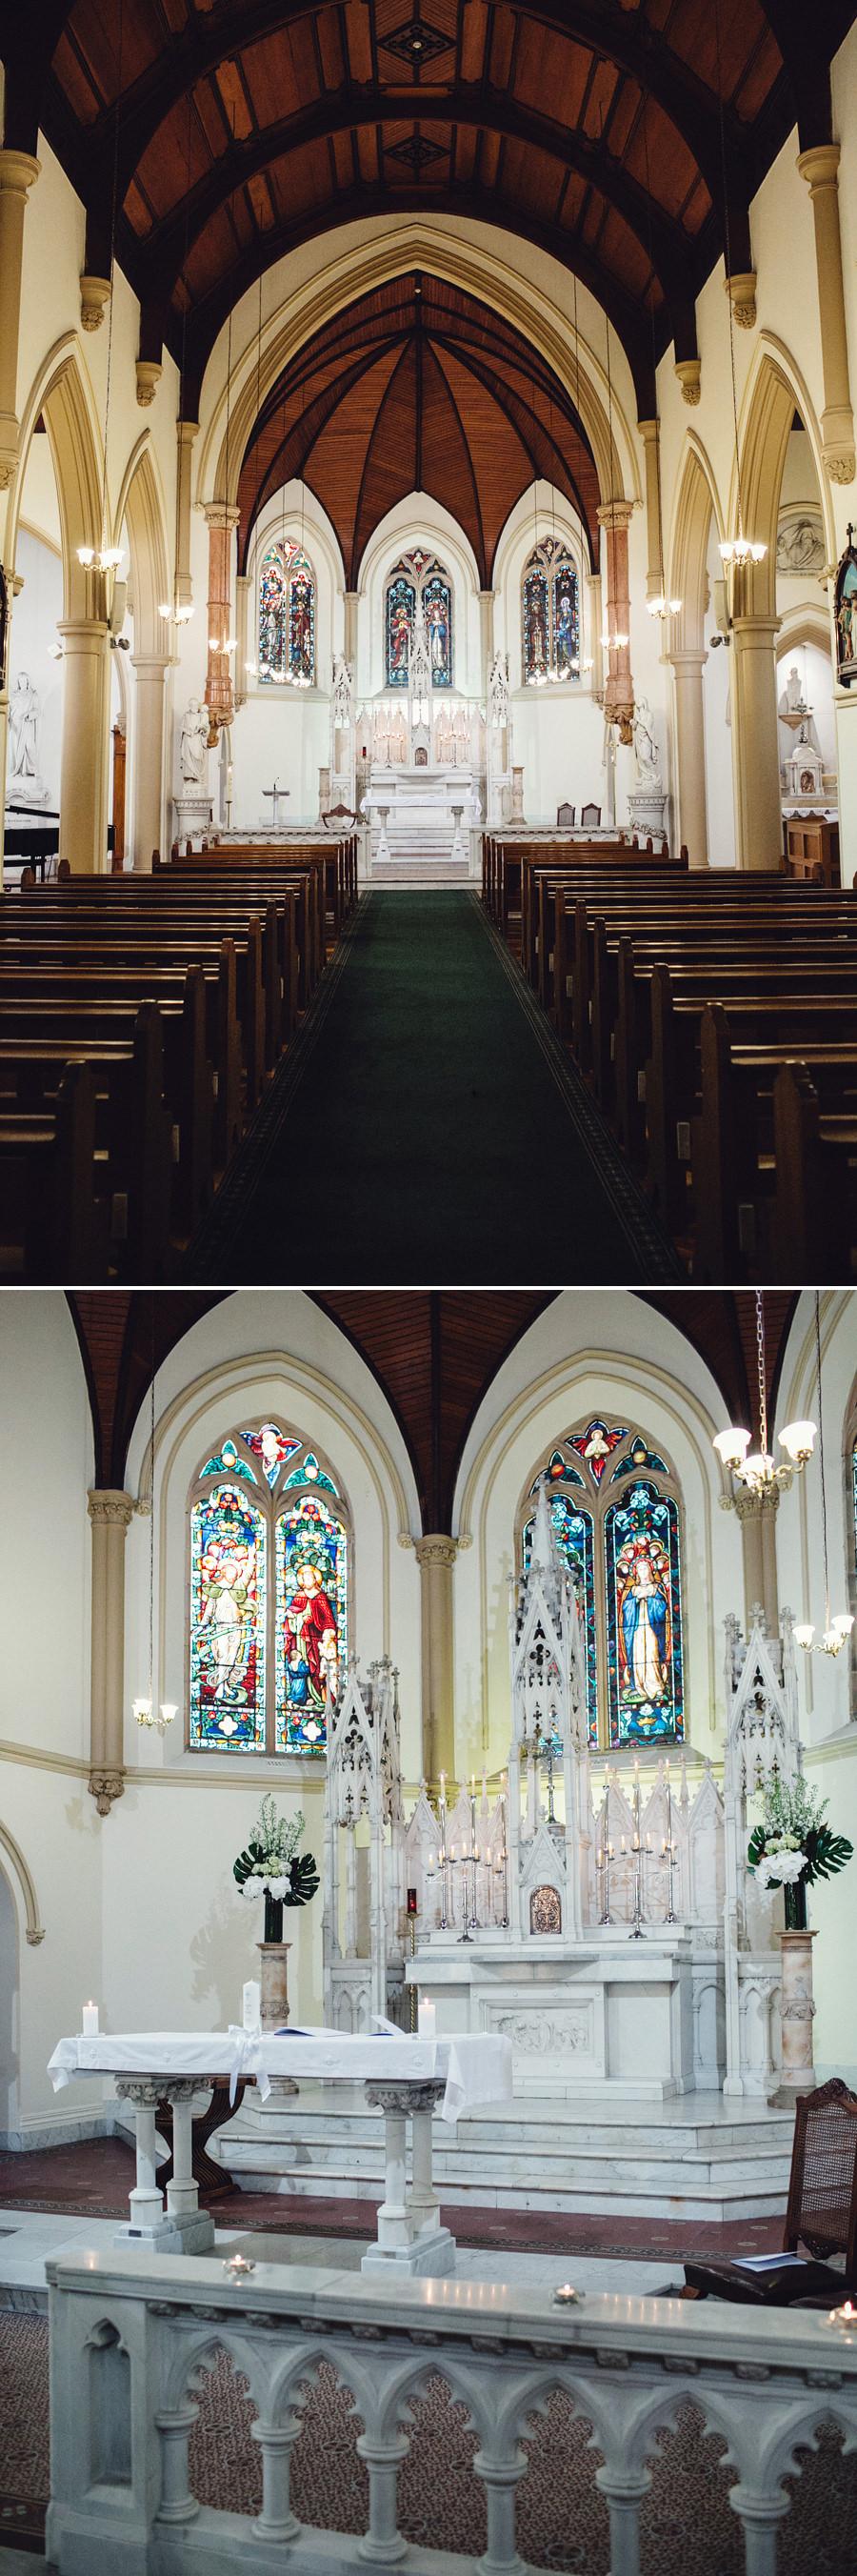 St Vincent's College Wedding Photographer: St Vincent's College Chapel